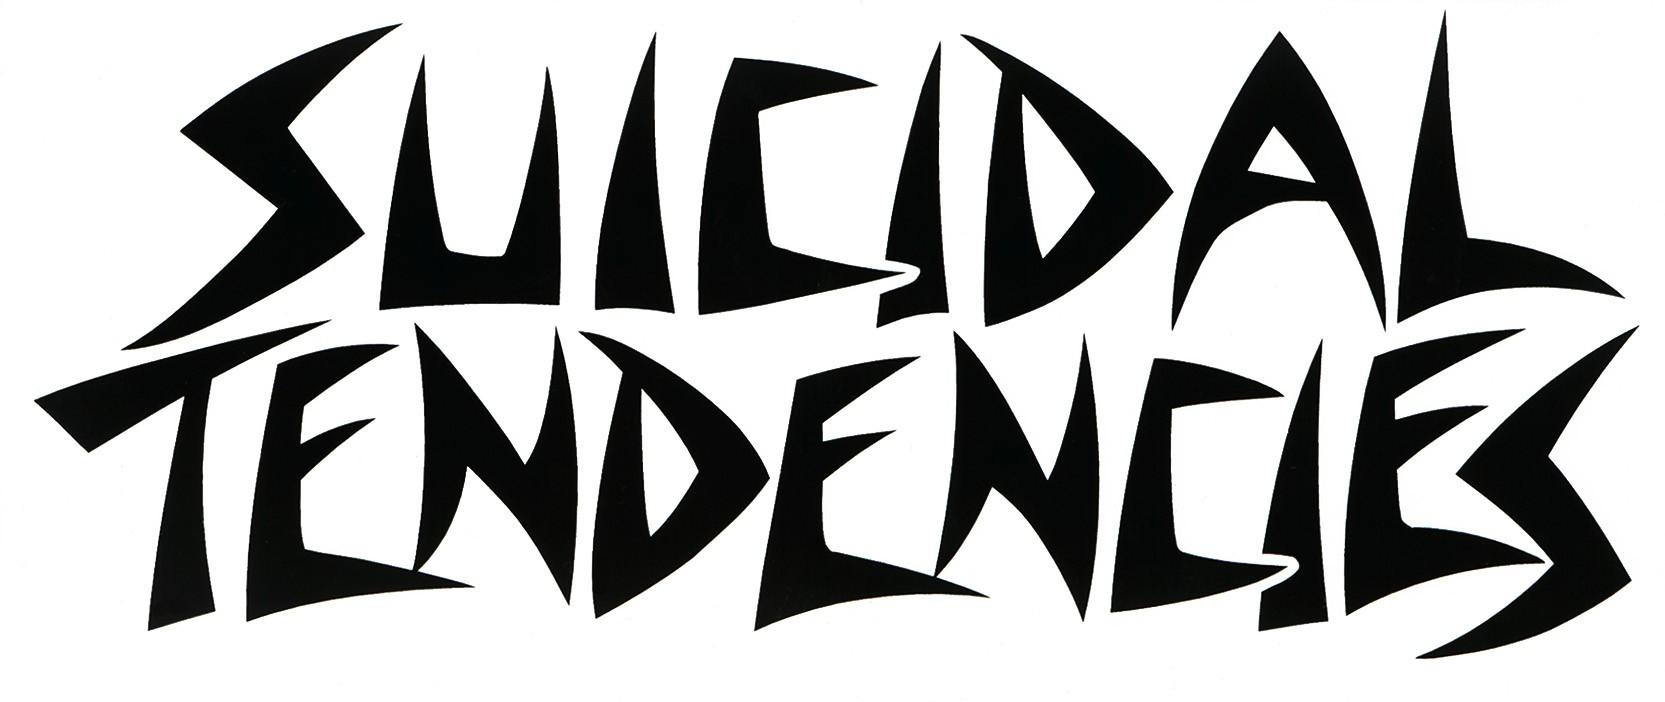 Suicidal-Tendencies-Logo-Vinyl-Decal-Sticker__01237.1507851596